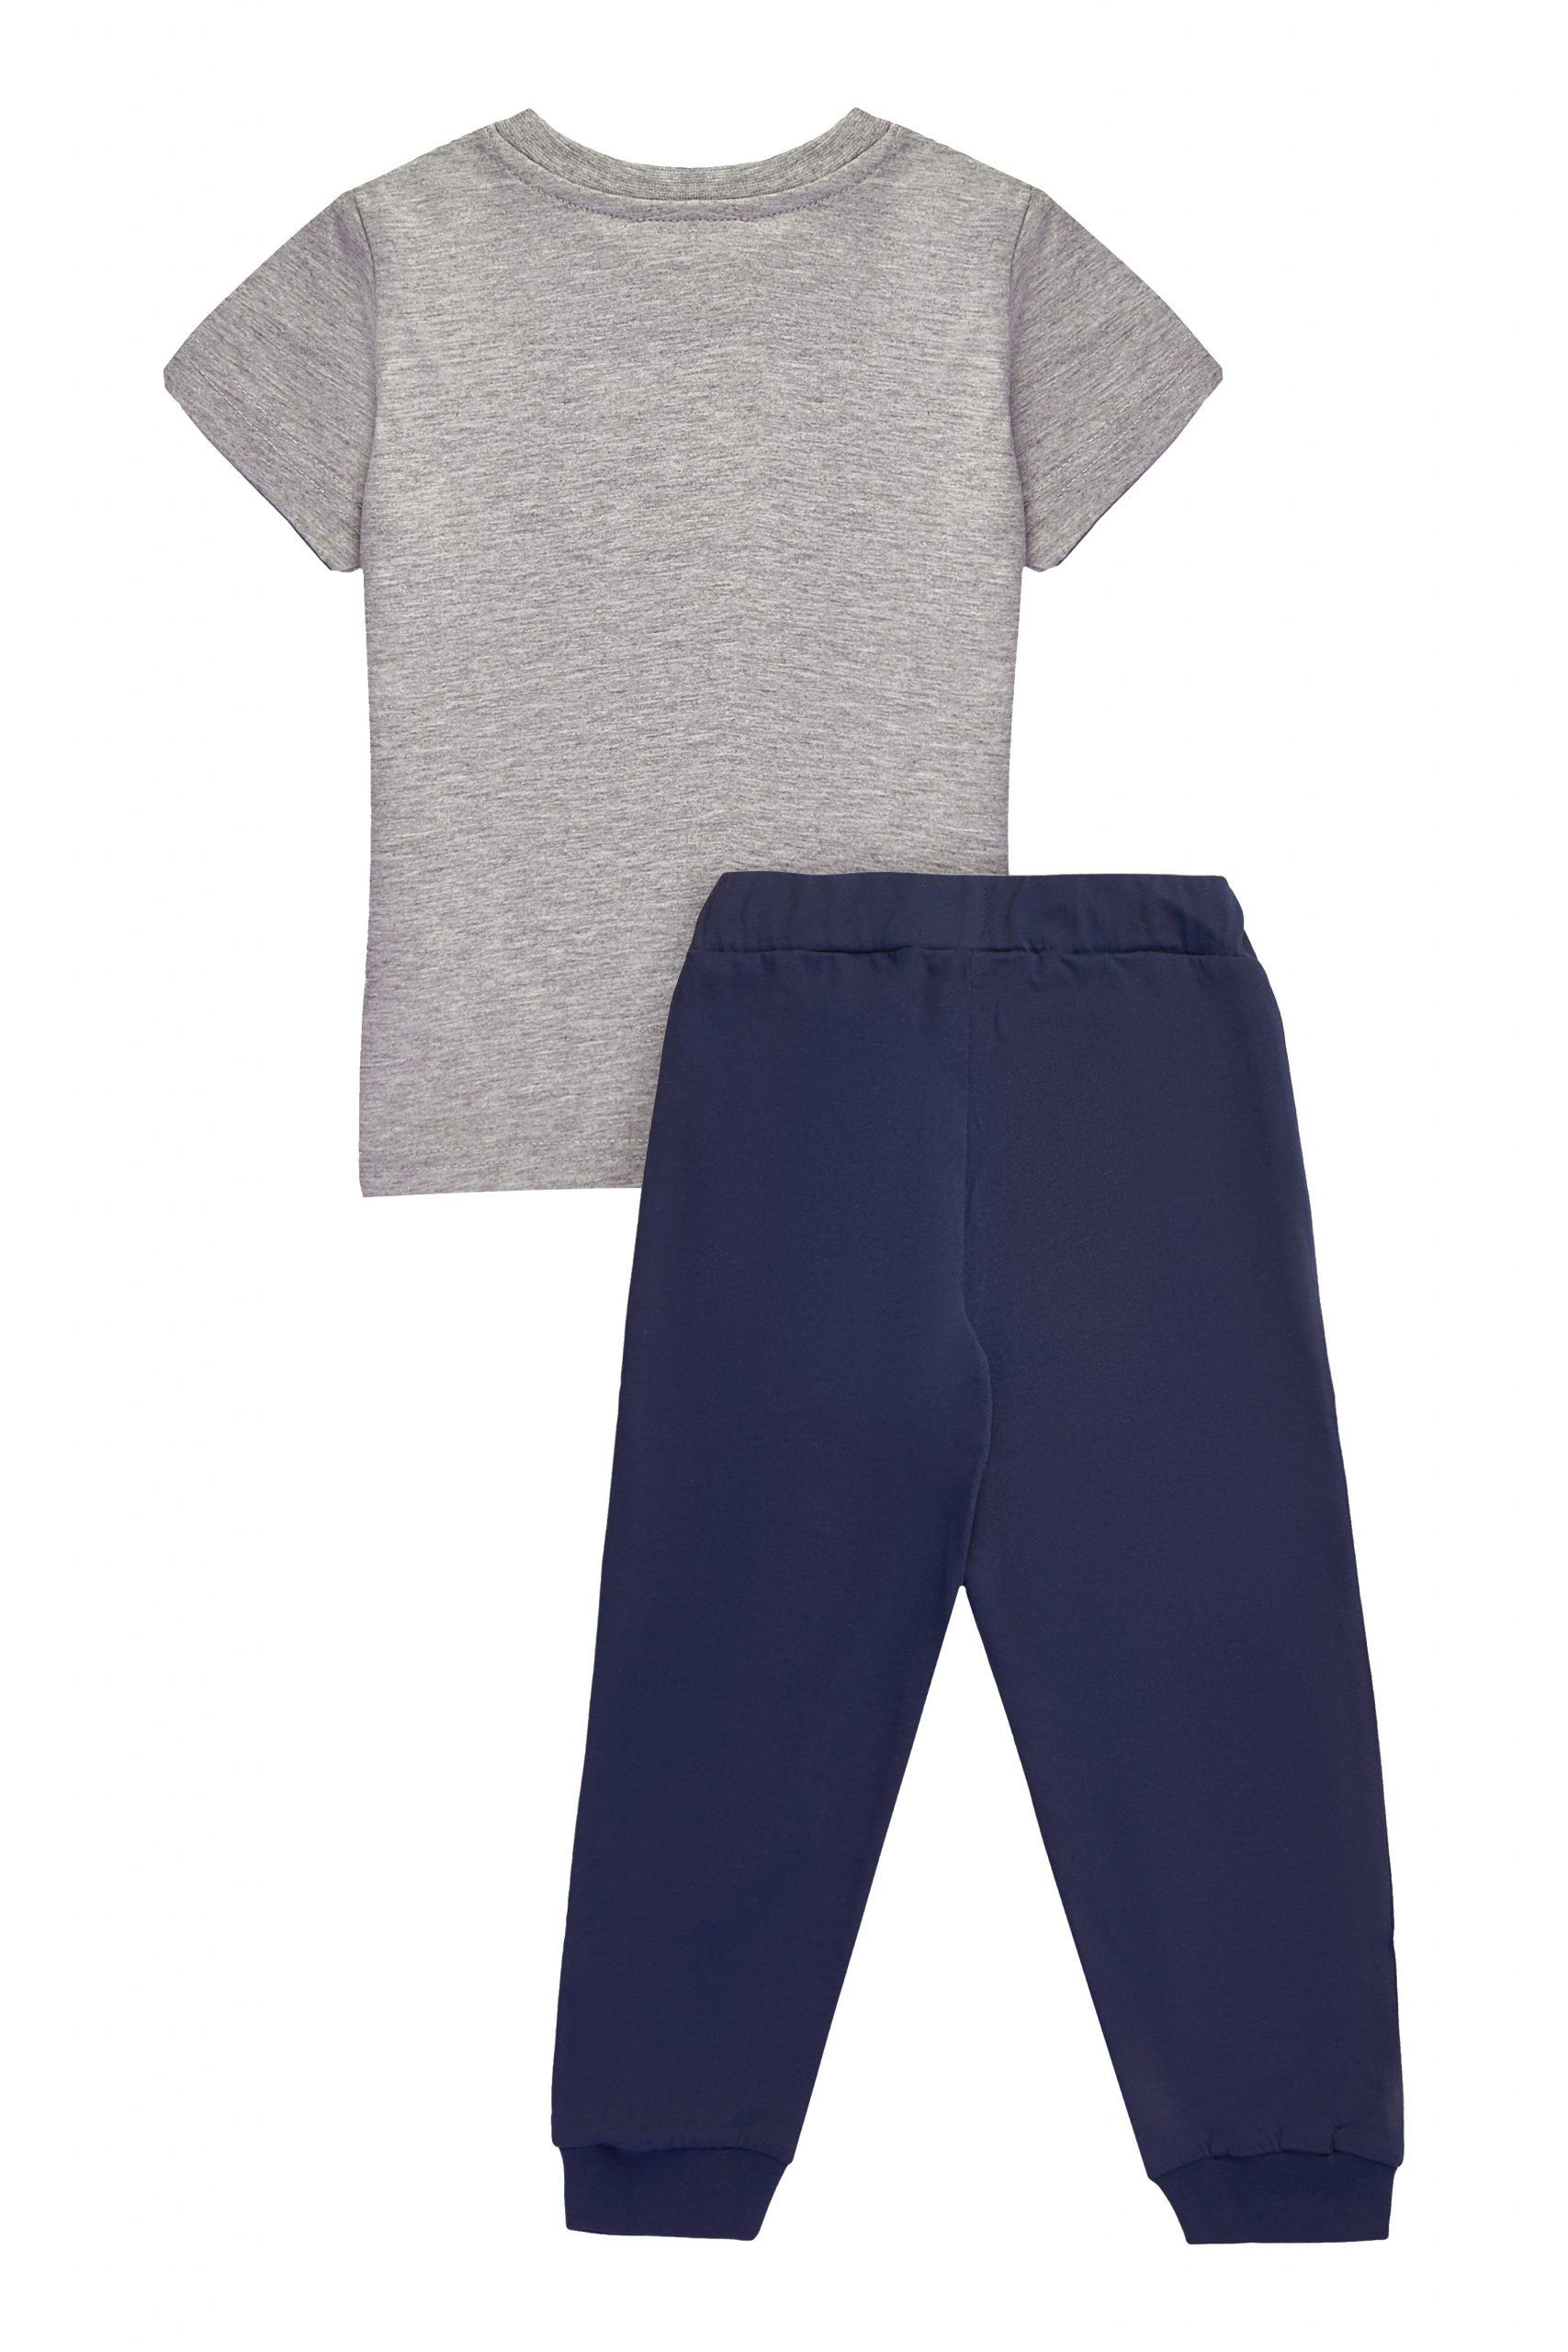 Chlapecké pyžamo Surf Club Navy/Šedý melanž